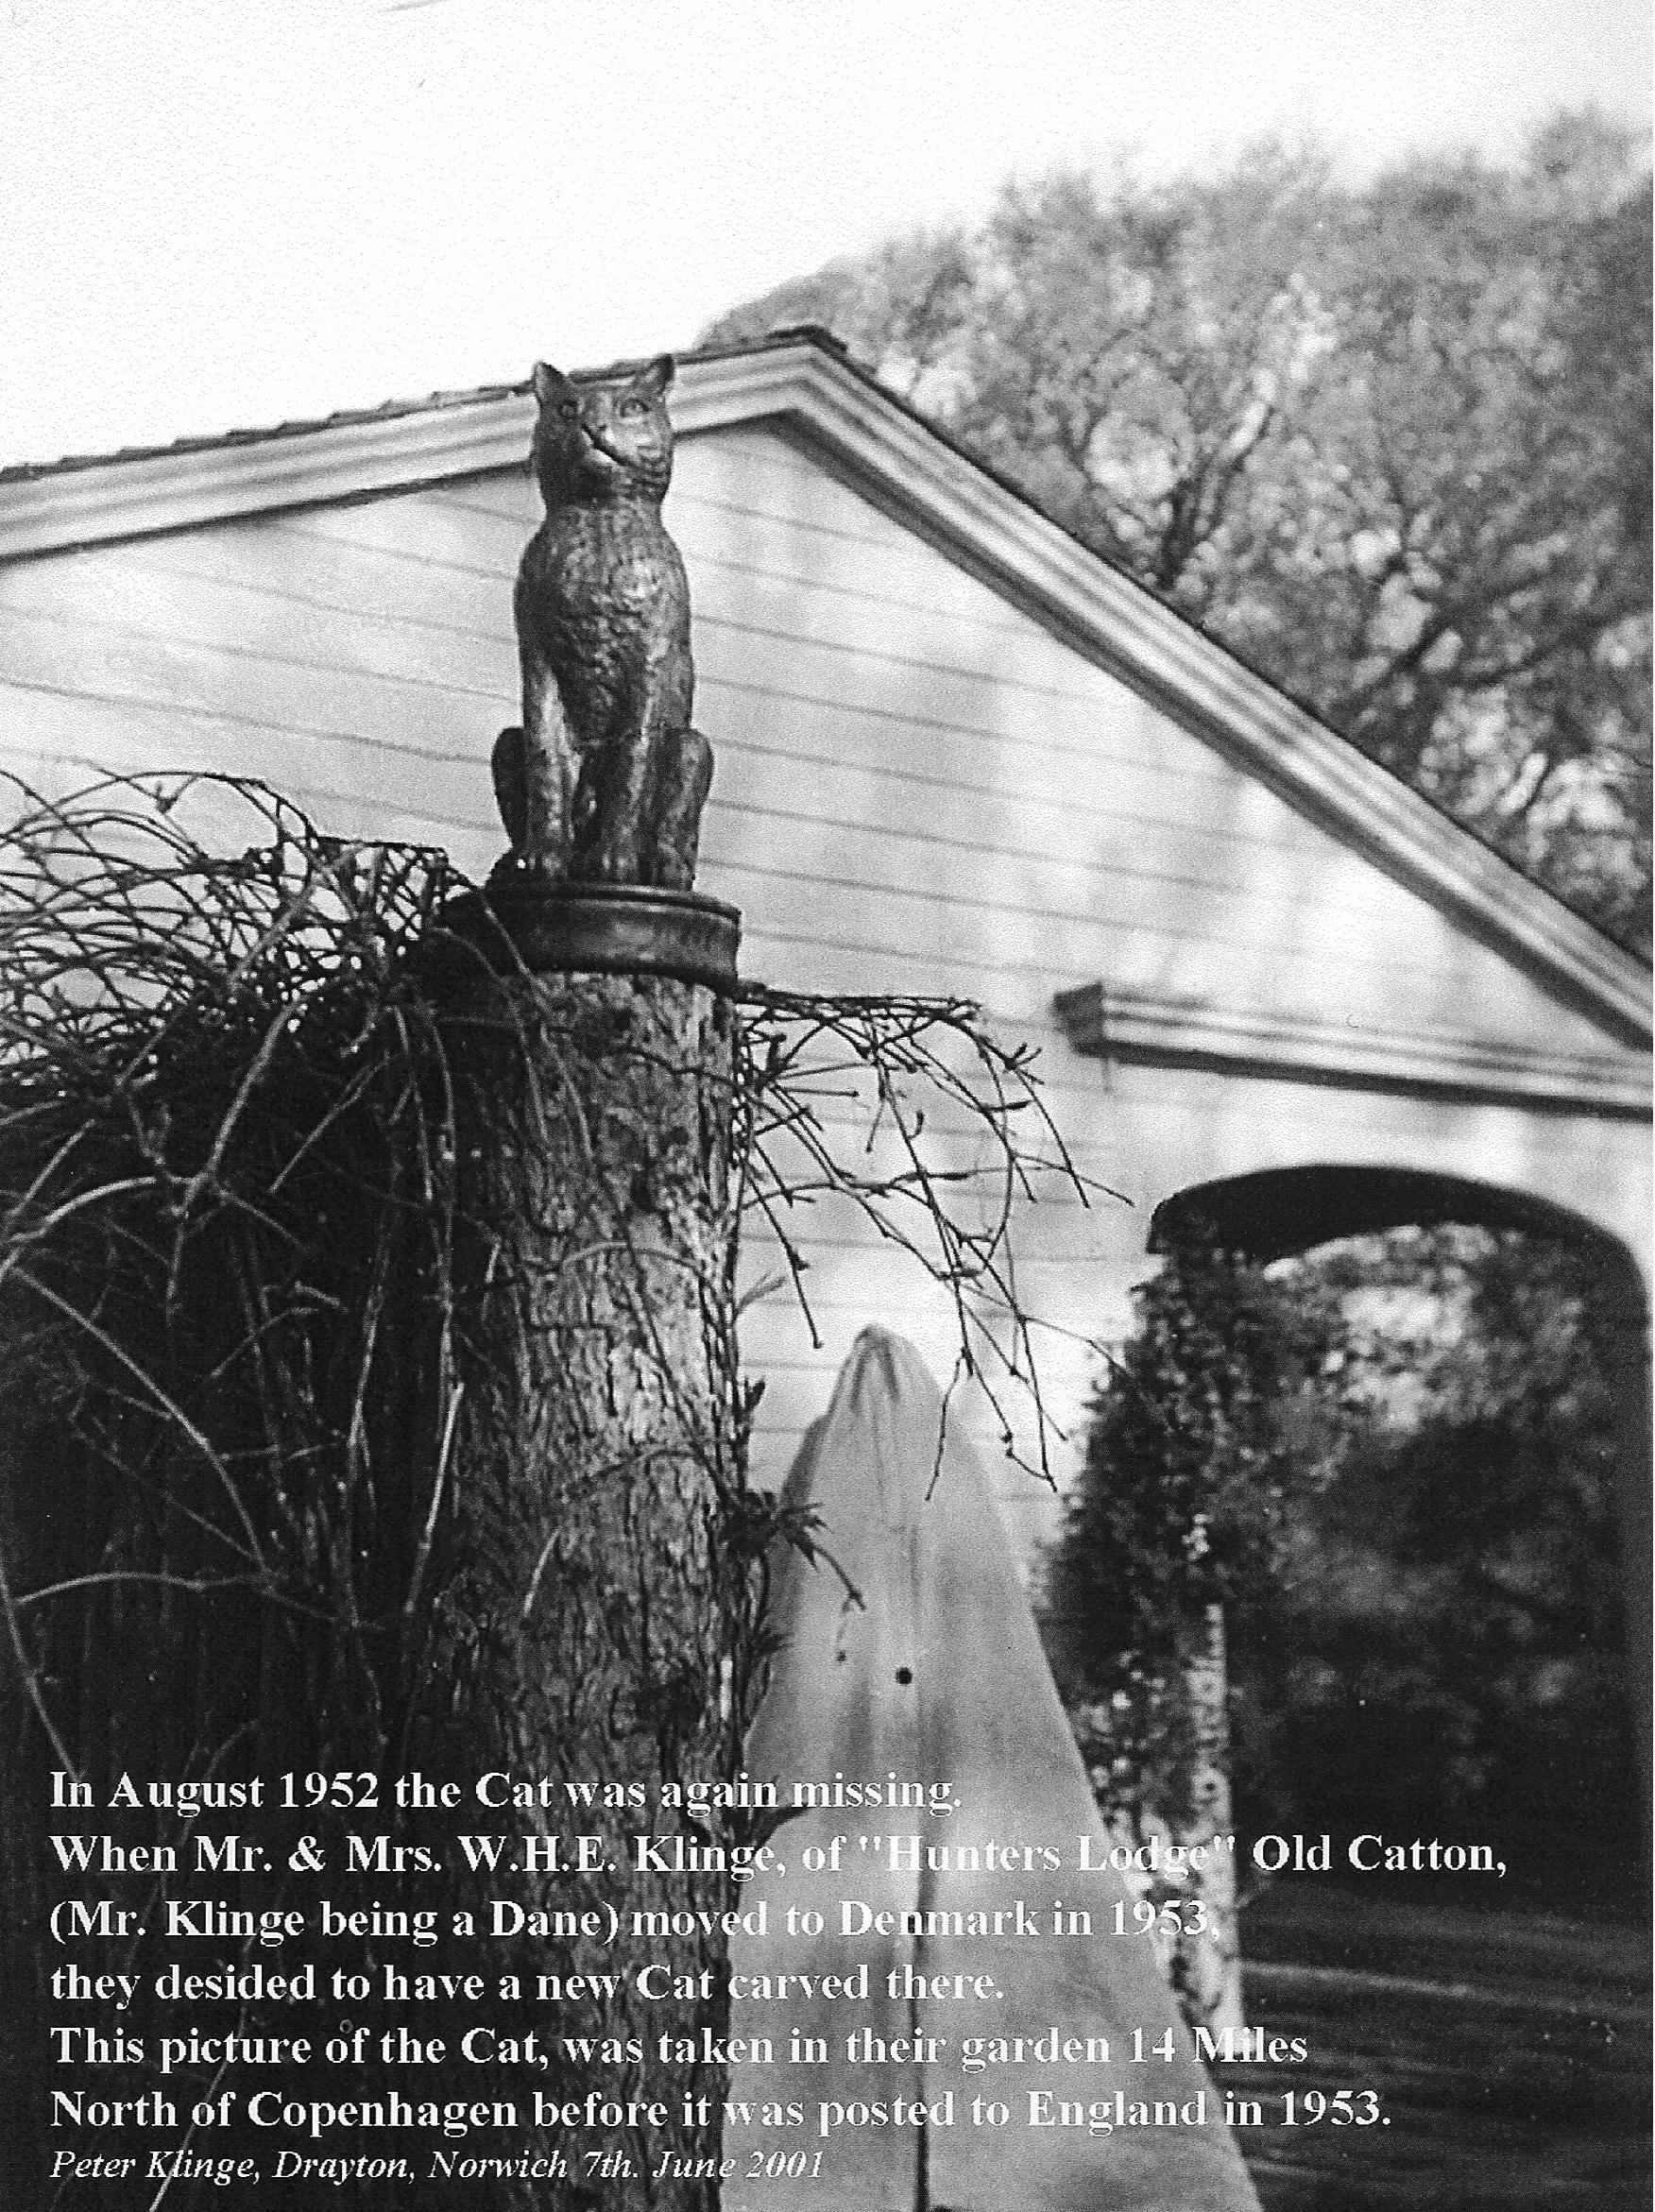 Klinge's cat in his Danish garden